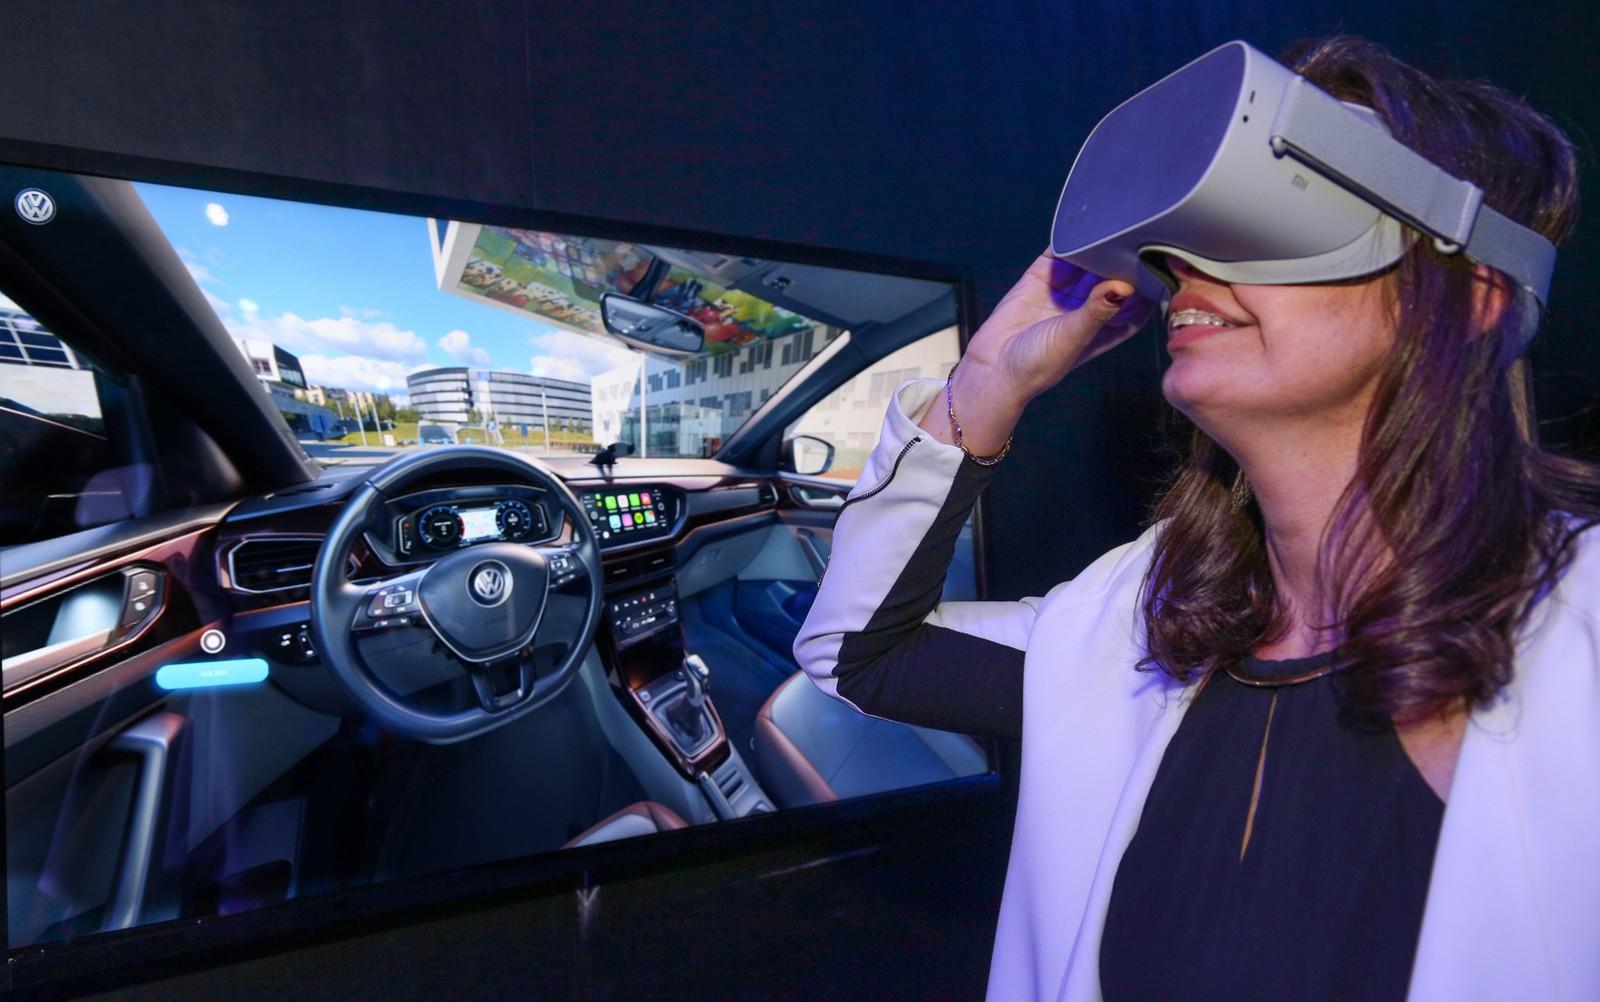 Forum gratis : Compra e venda engenharia Carro Volks-realidade-virtual